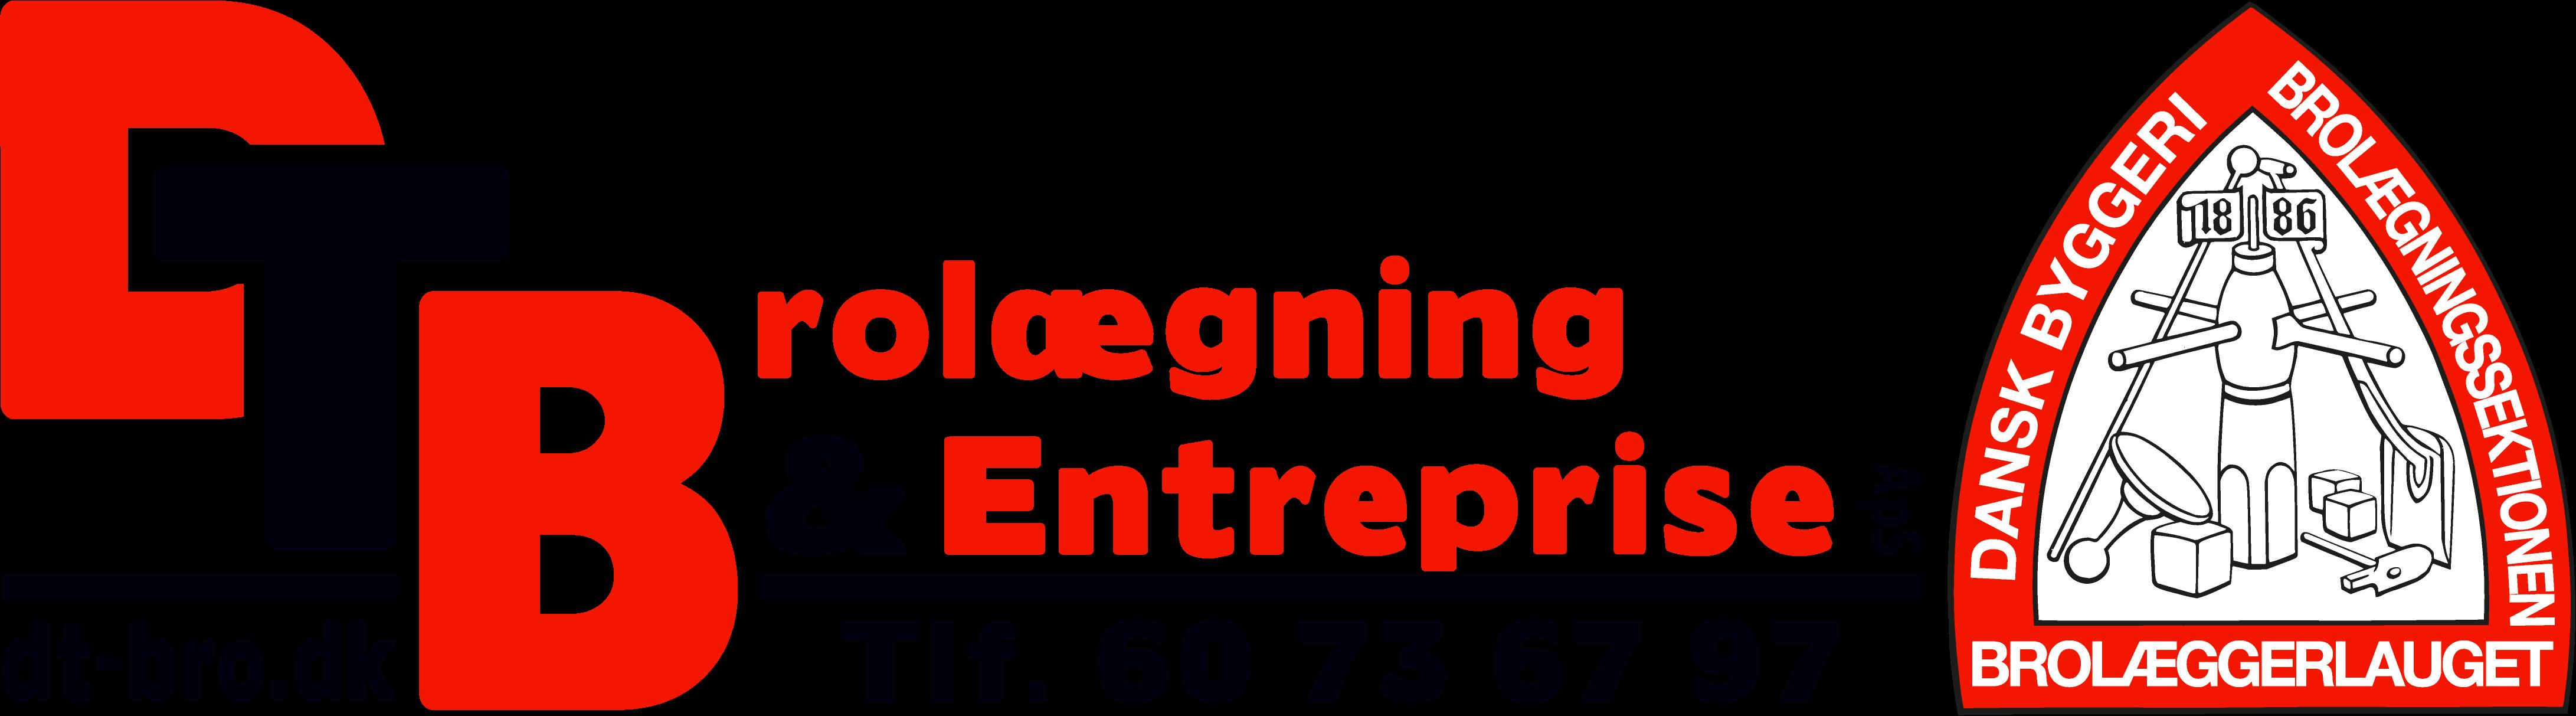 D.T. Brolægning & Enterprise